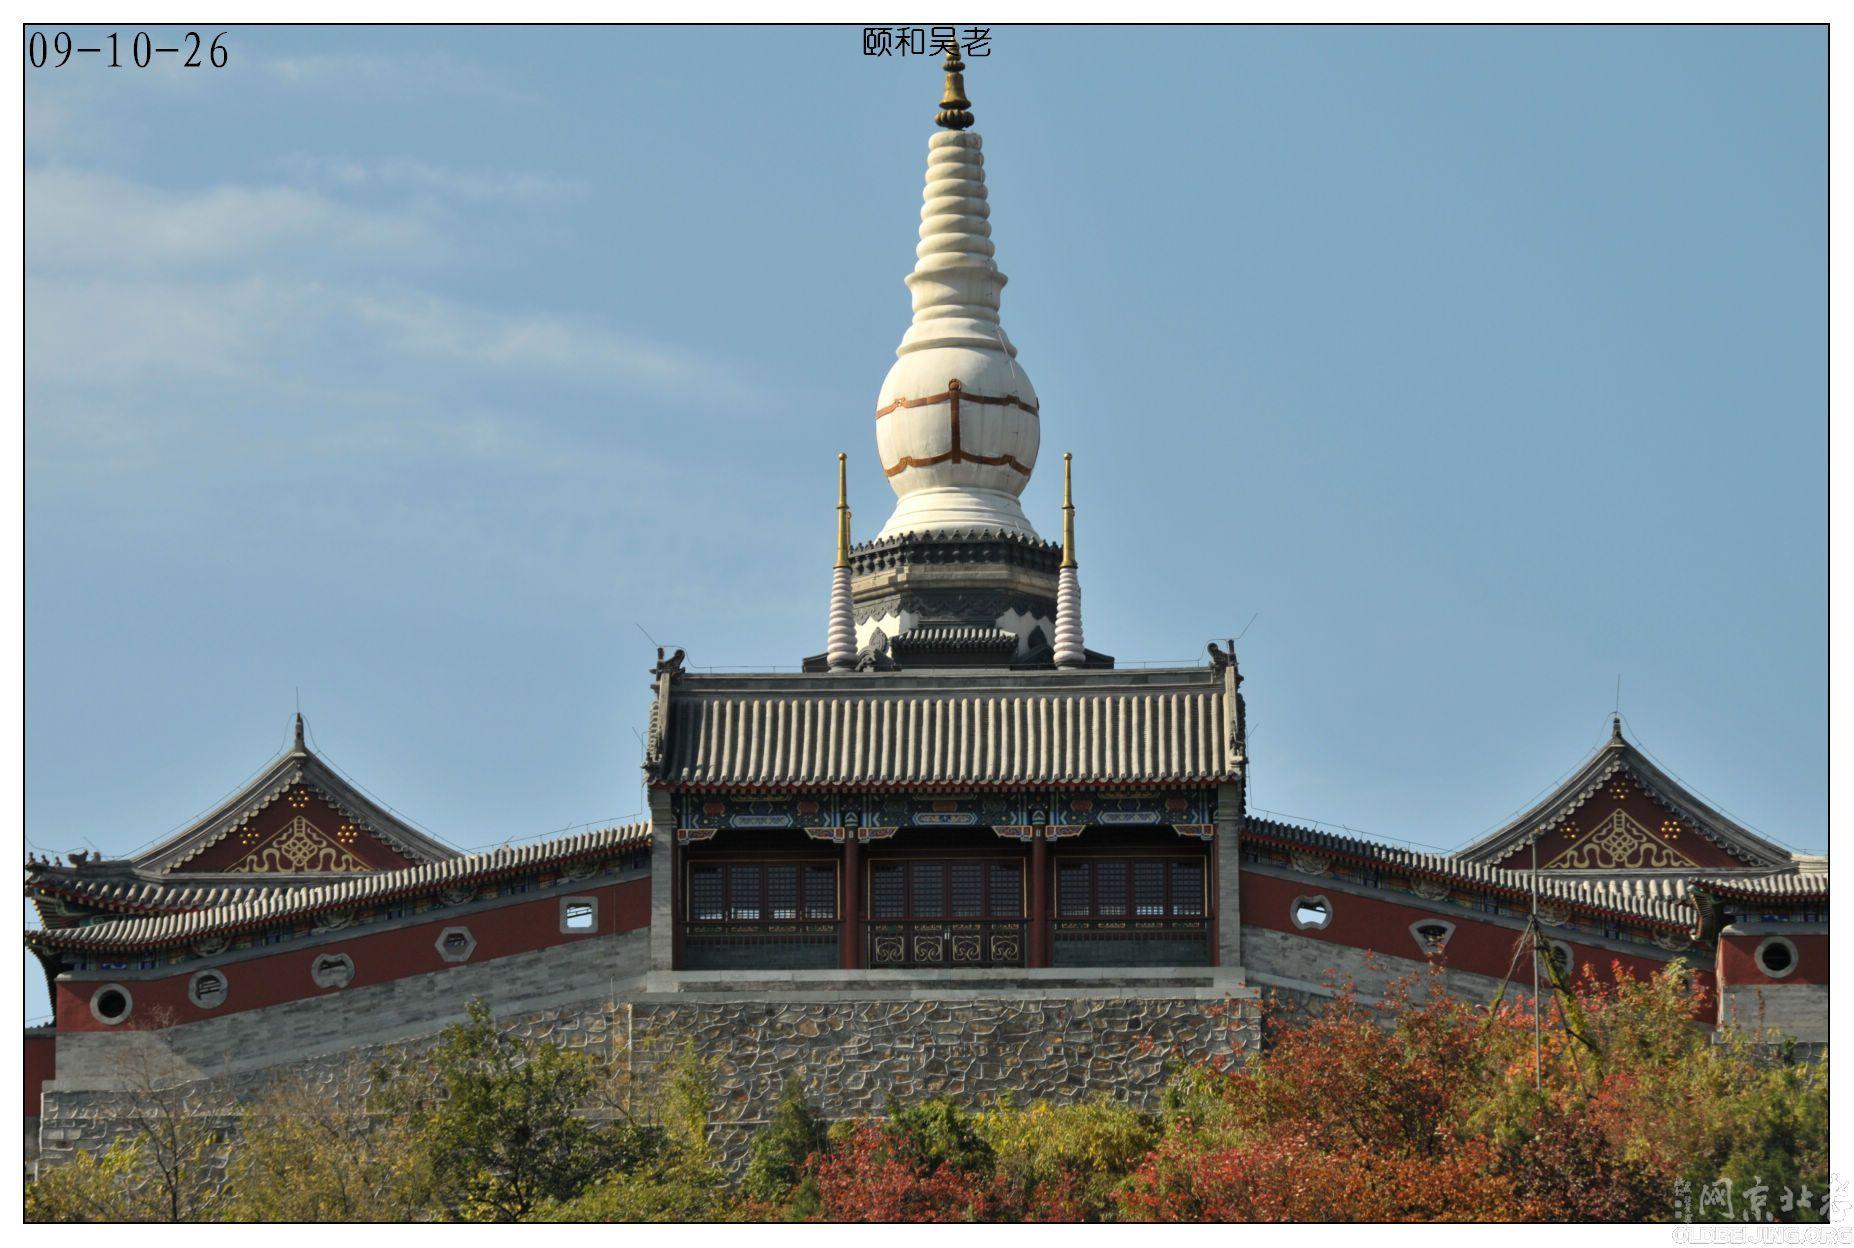 [原创]玉泉山寺庙和塔-图文拍记-服务器里的北京-老